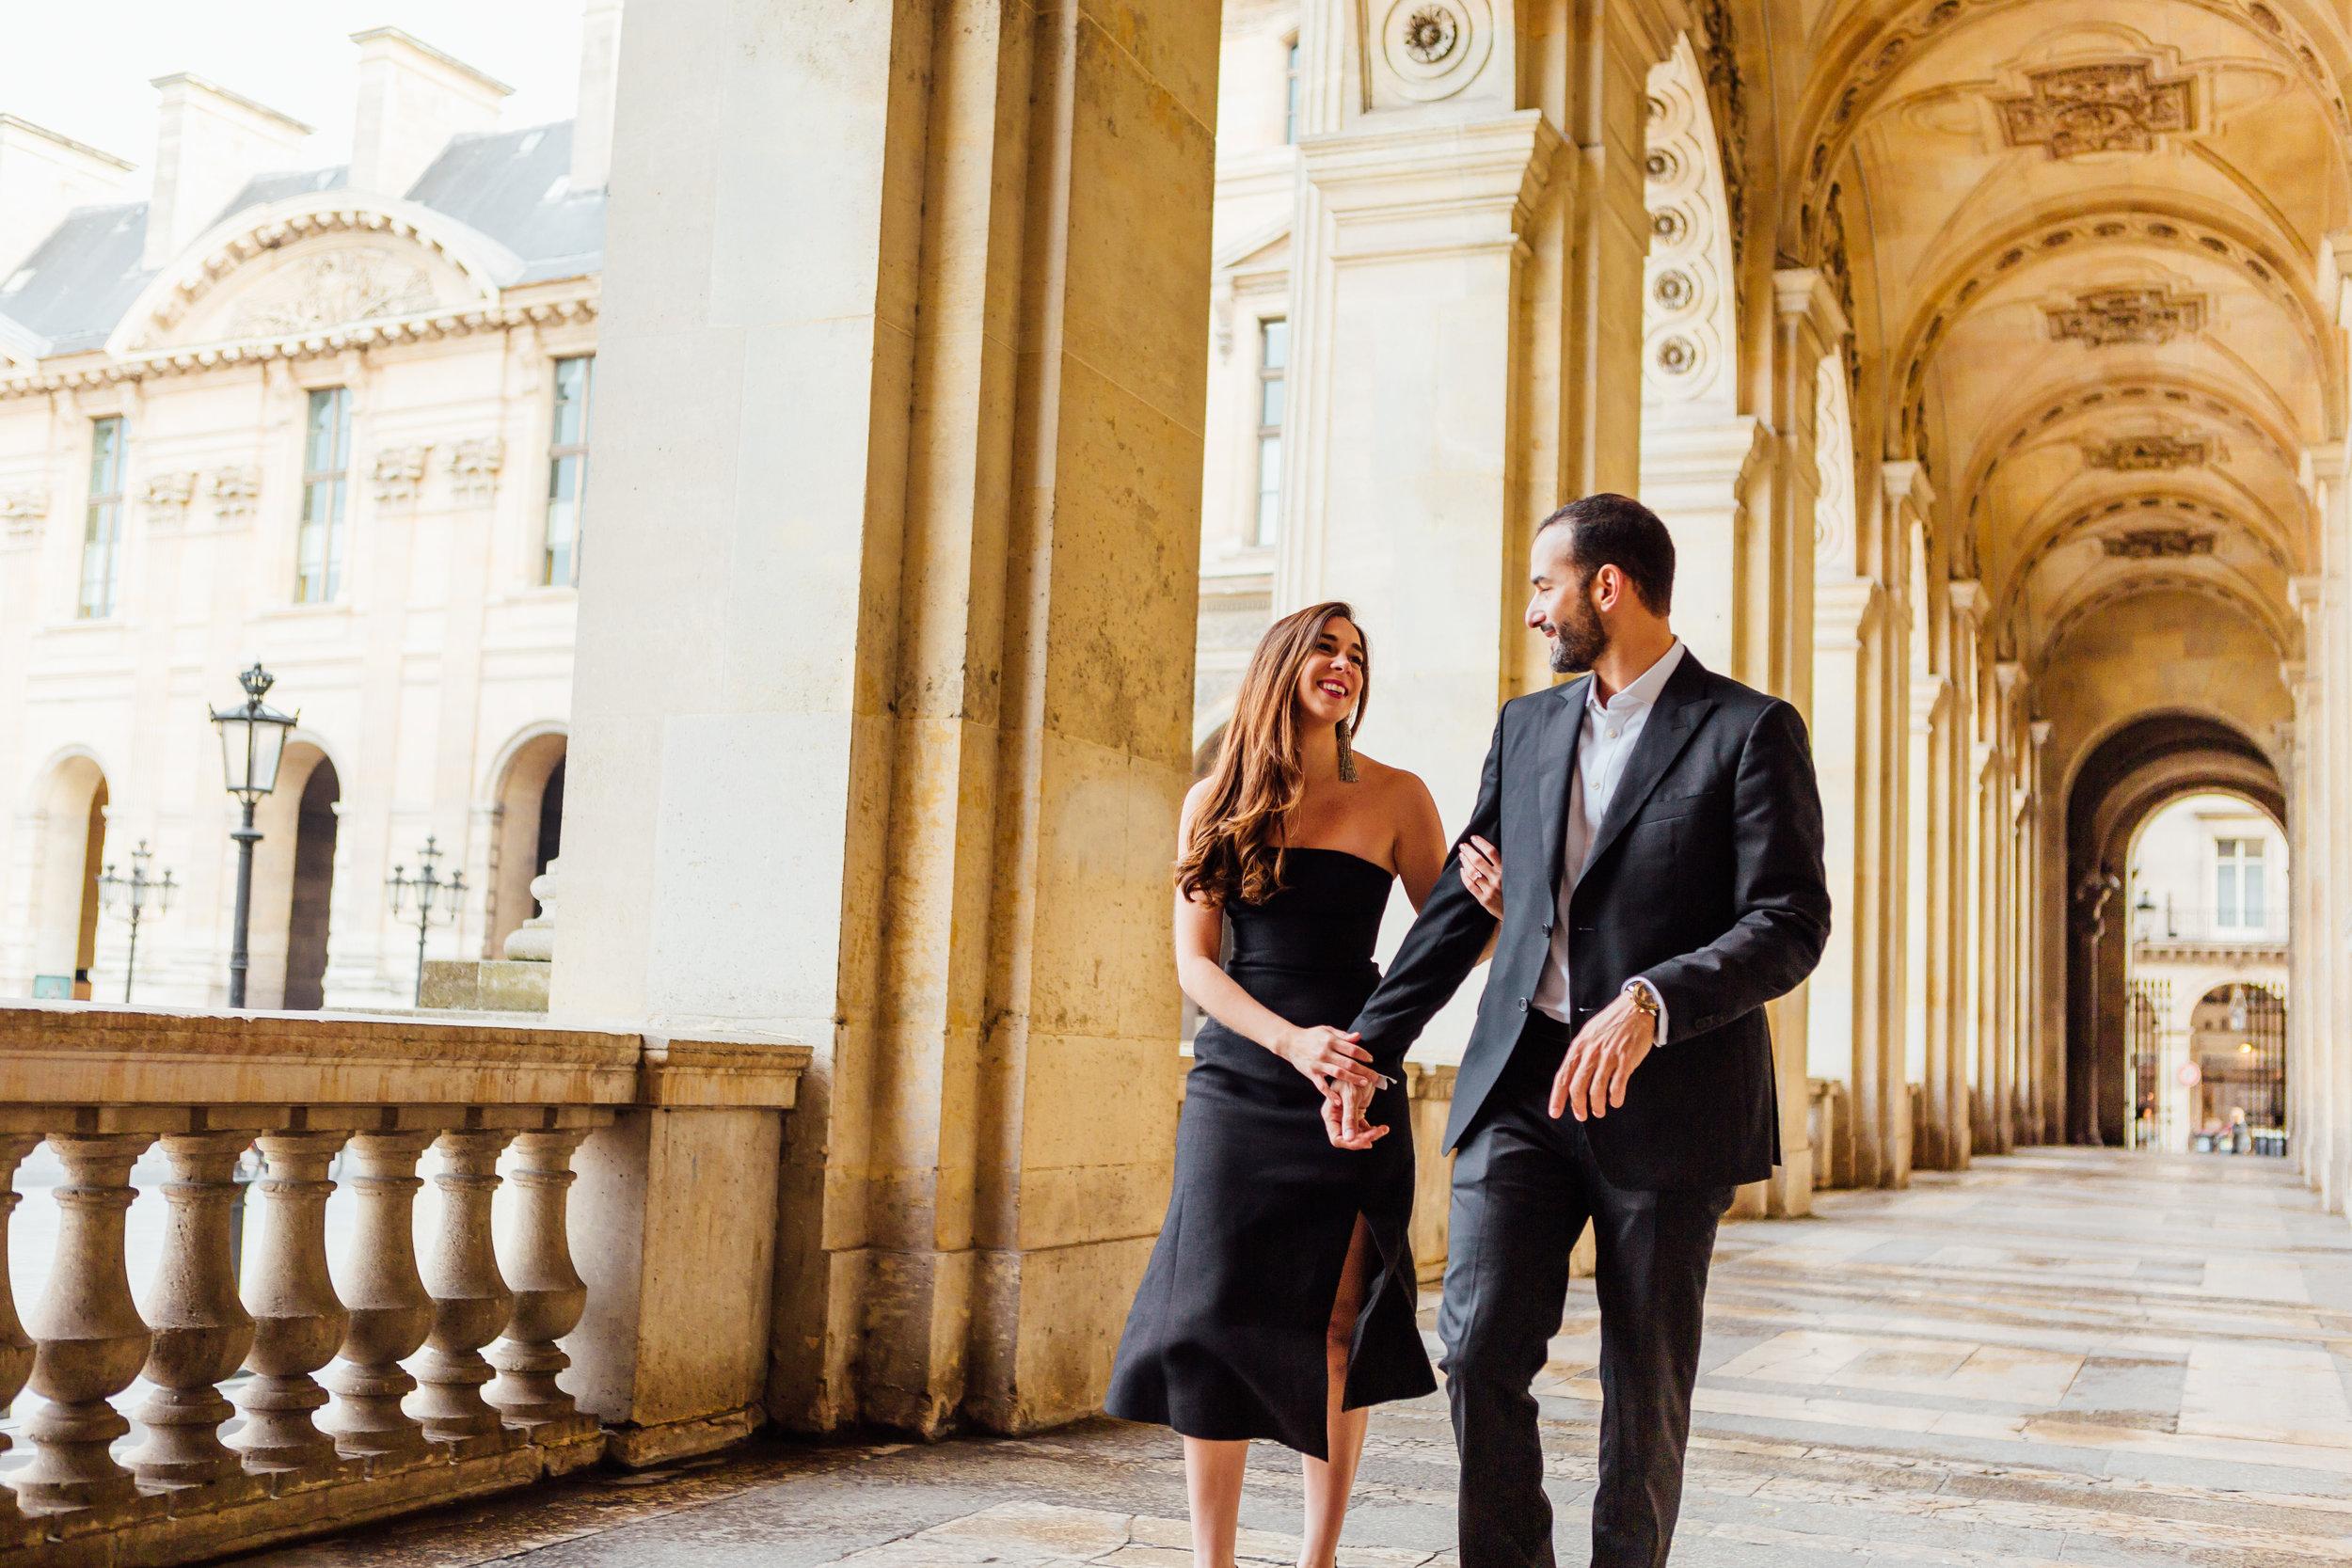 paris photographer federico guendel couple romantic engagement portrait session at the corridor of louvre museum